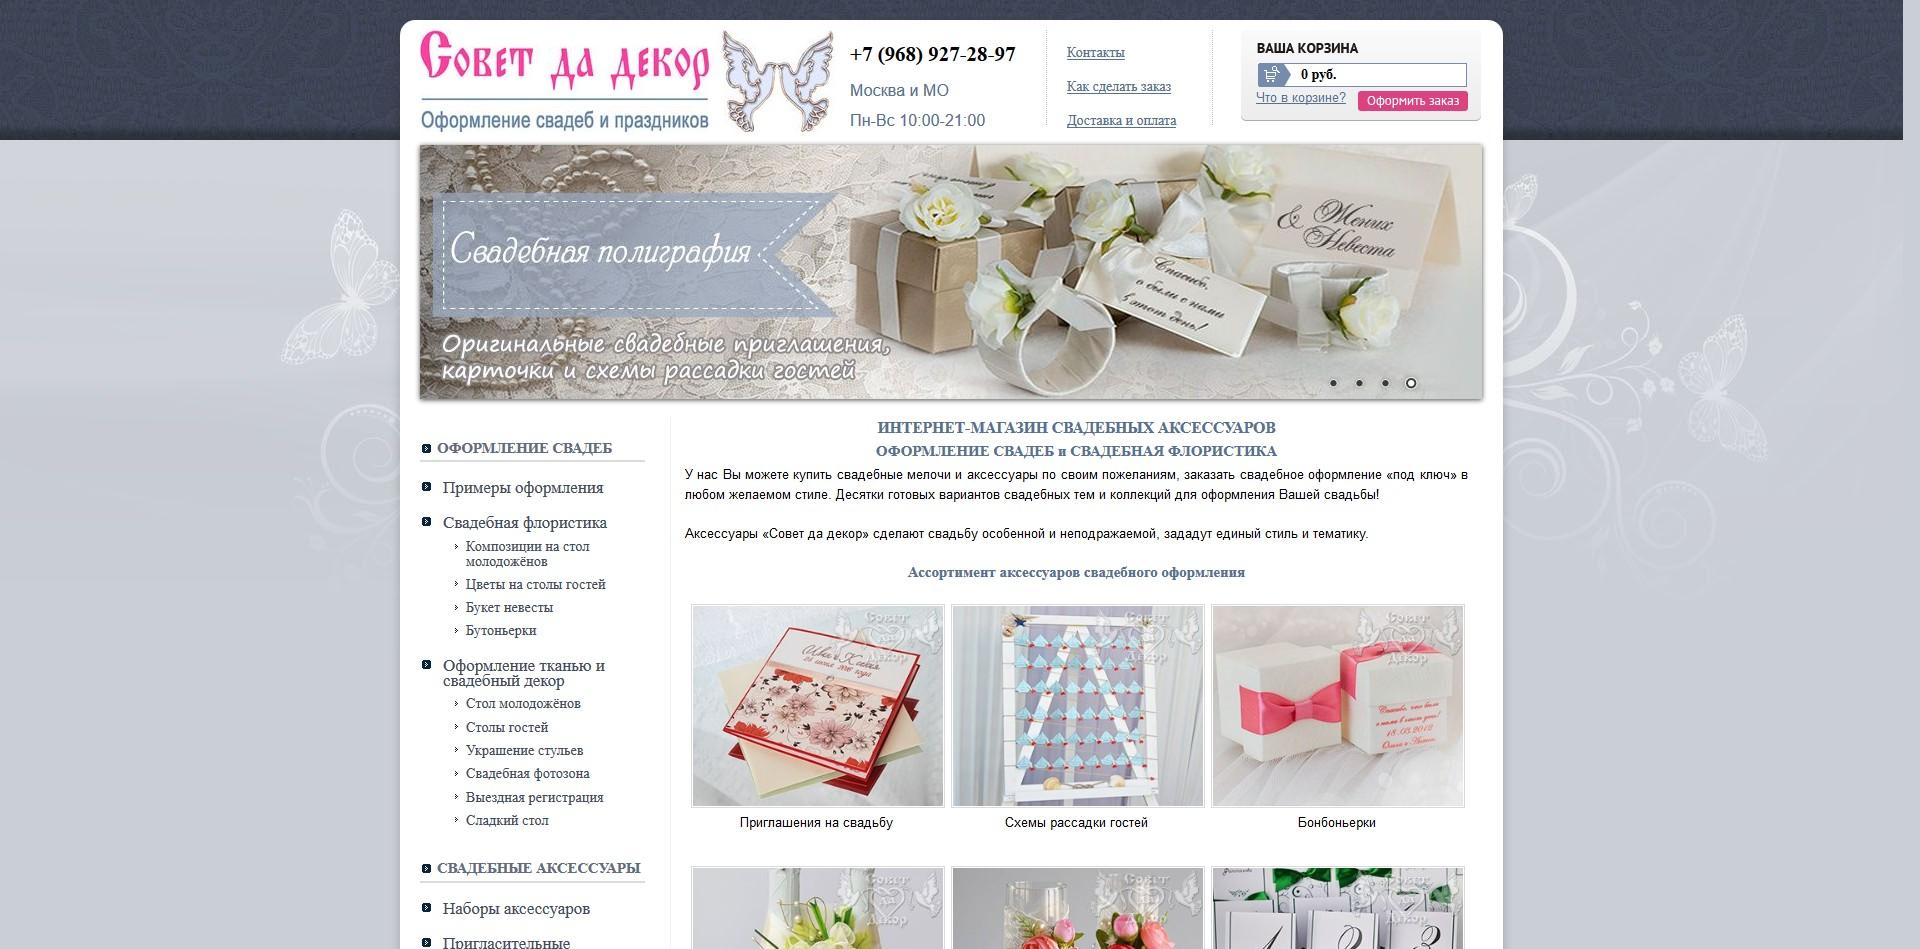 Скриншот: работа по созданию Интернет-магазина sovet-decor.ru